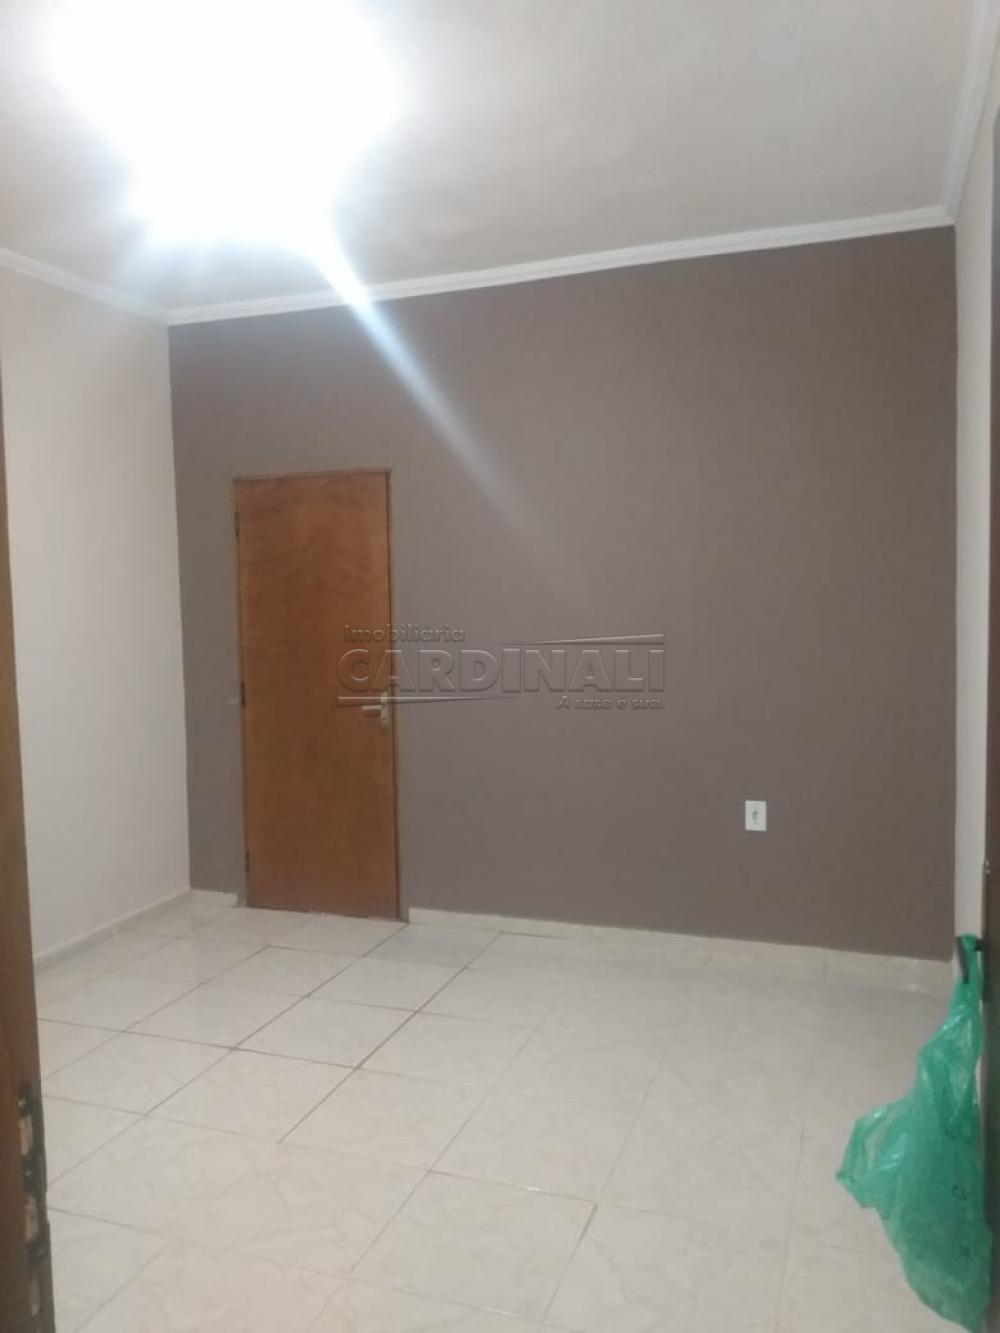 Comprar Casa / Padrão em São Carlos R$ 155.000,00 - Foto 14